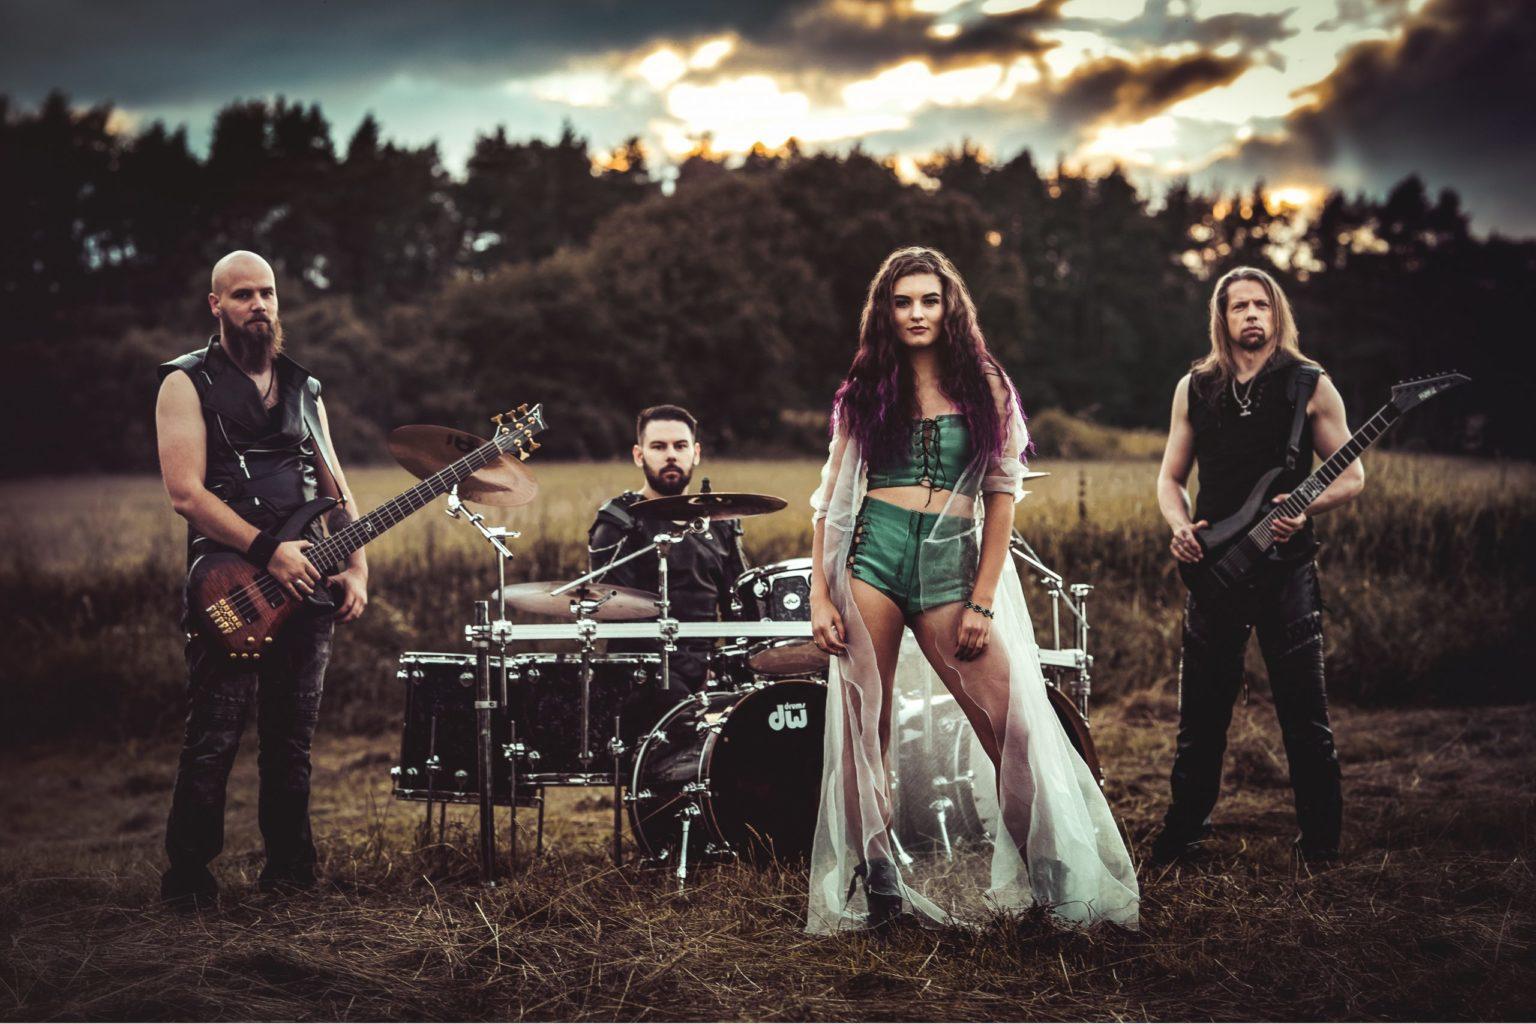 SURMA: membri di TÝR, BOHEMIAN METAL RHAPSODY ed ex-ARKONA, formano una band ed ecco il debut album